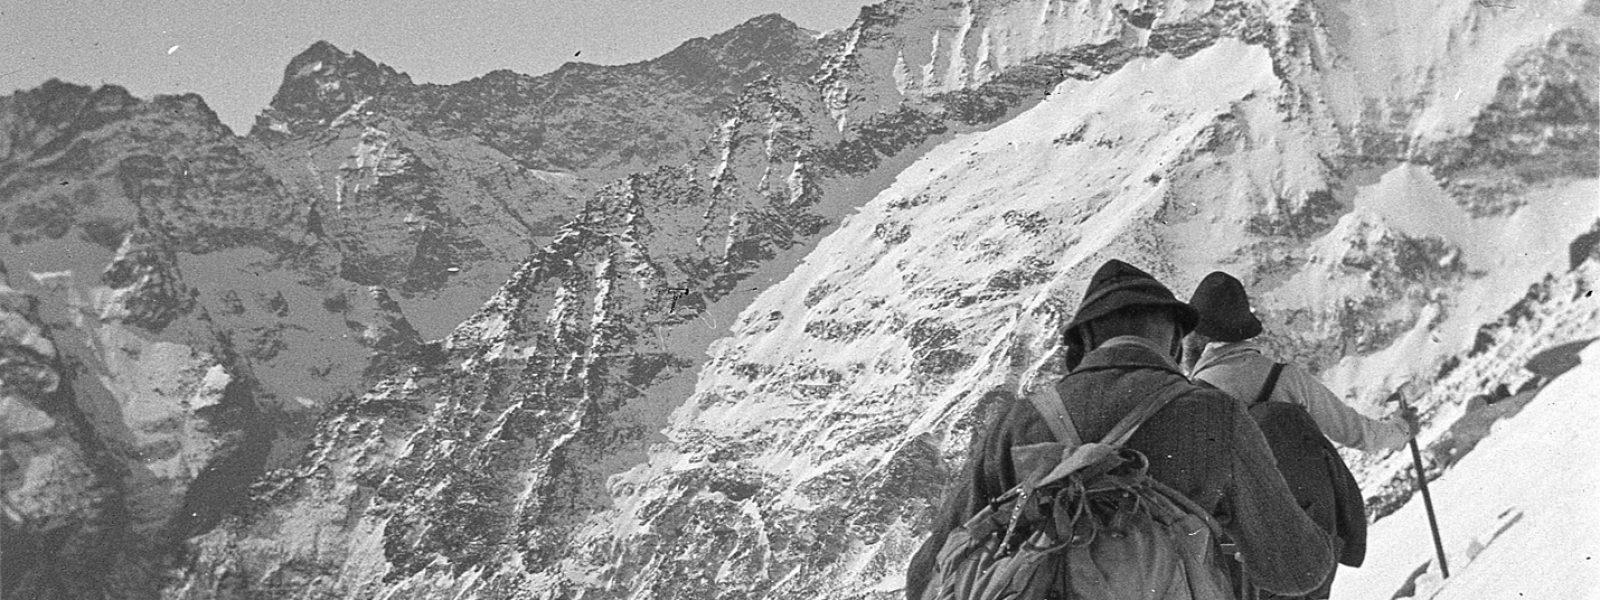 levanne-cima-leitosa-1929-virando-museo-tazzetti-usseglio-2019-cai-torino